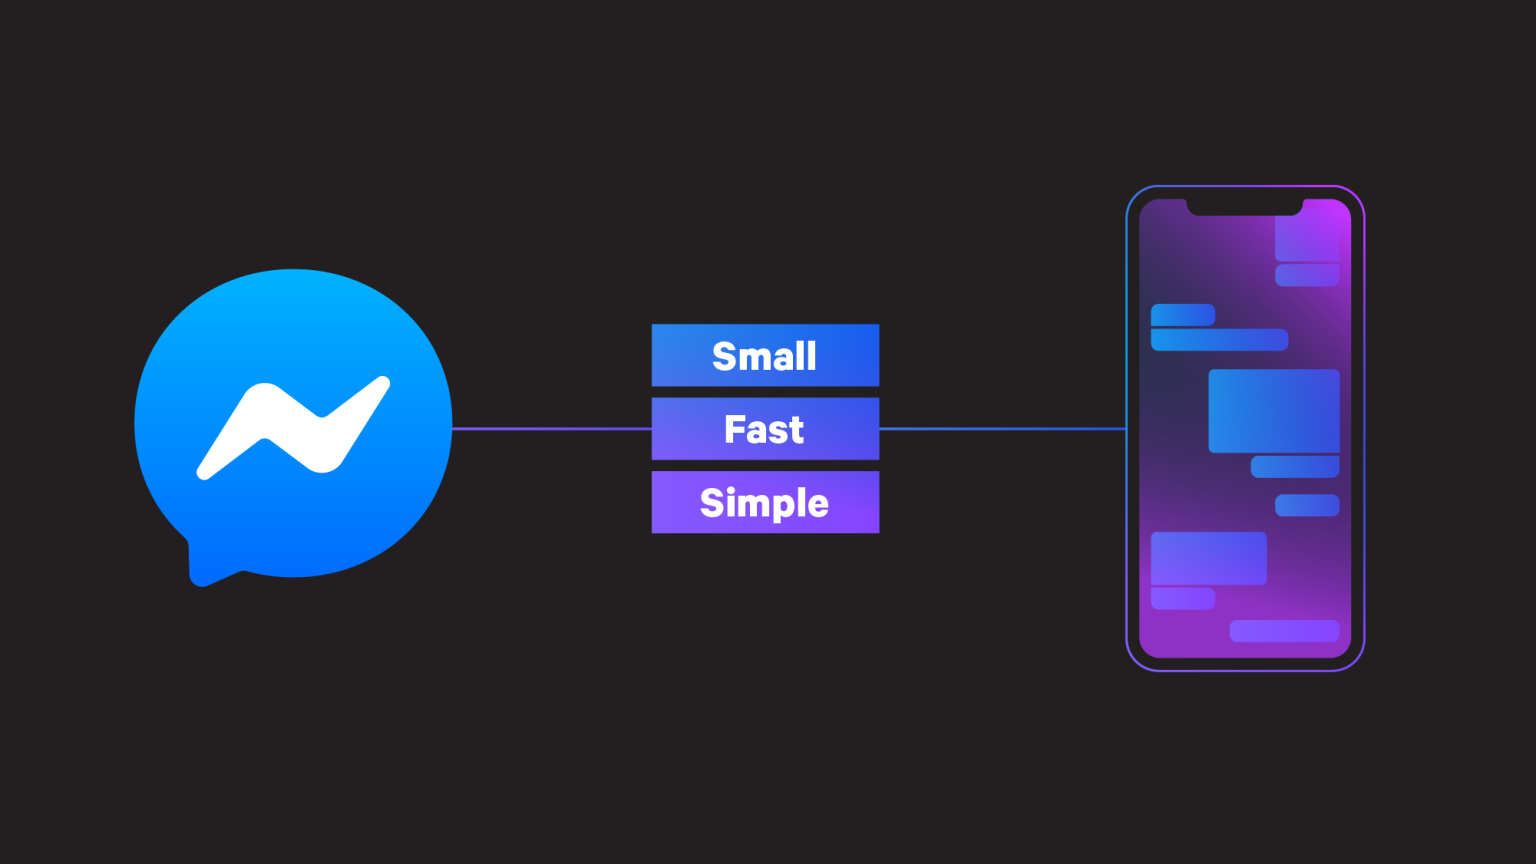 Nuevo diseño de Facebook Messenger en iOS es más rápido y ligero